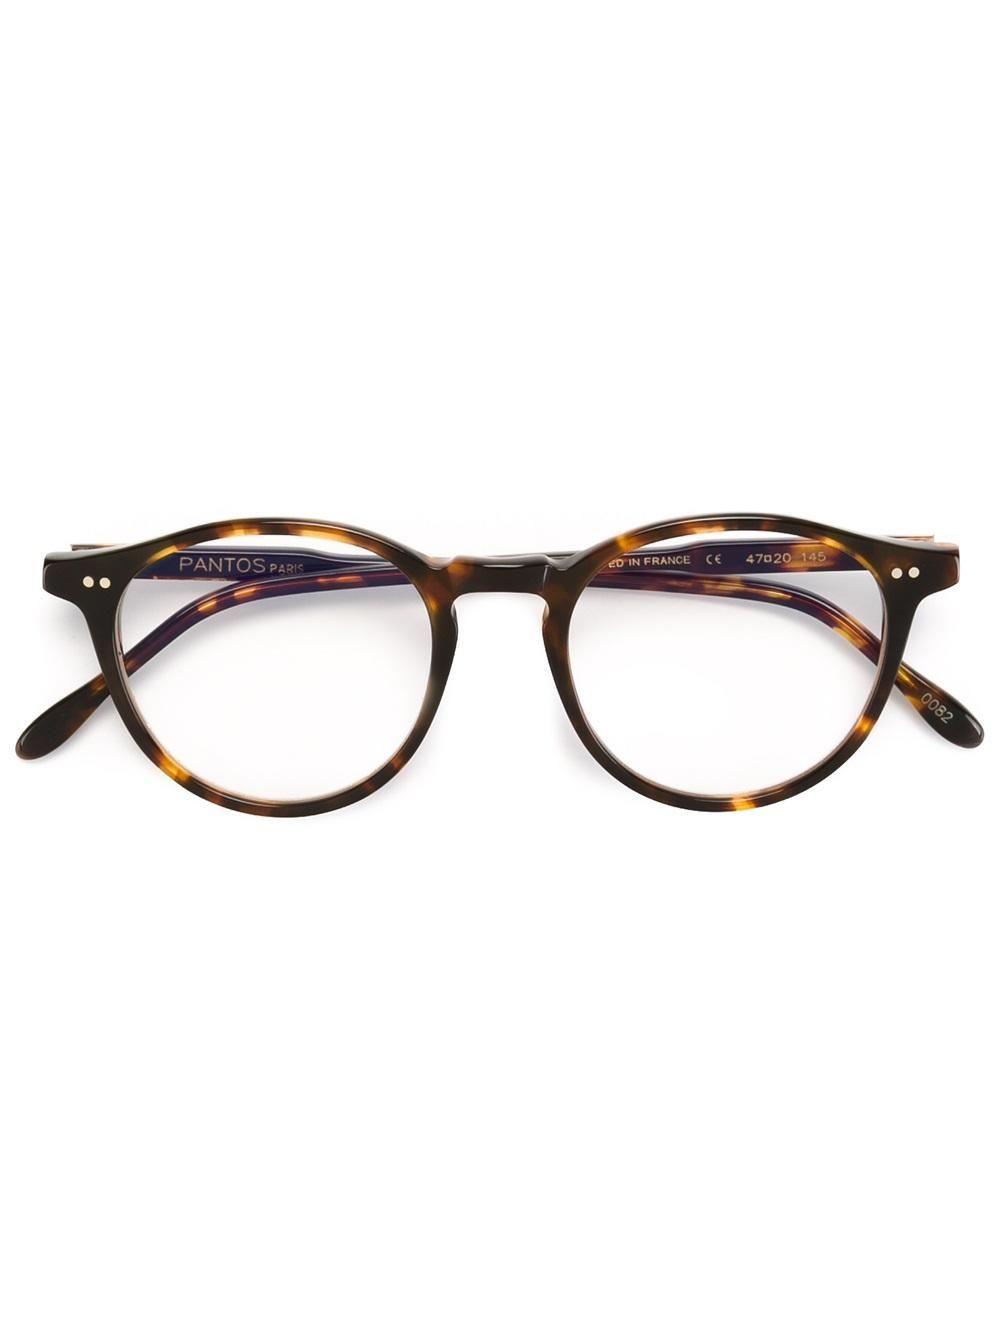 ed5759b067 Pantos Paris round frame glasses Monturas Gafas Mujer, Gafas Hombre, Marcos  Ópticos, Gafas